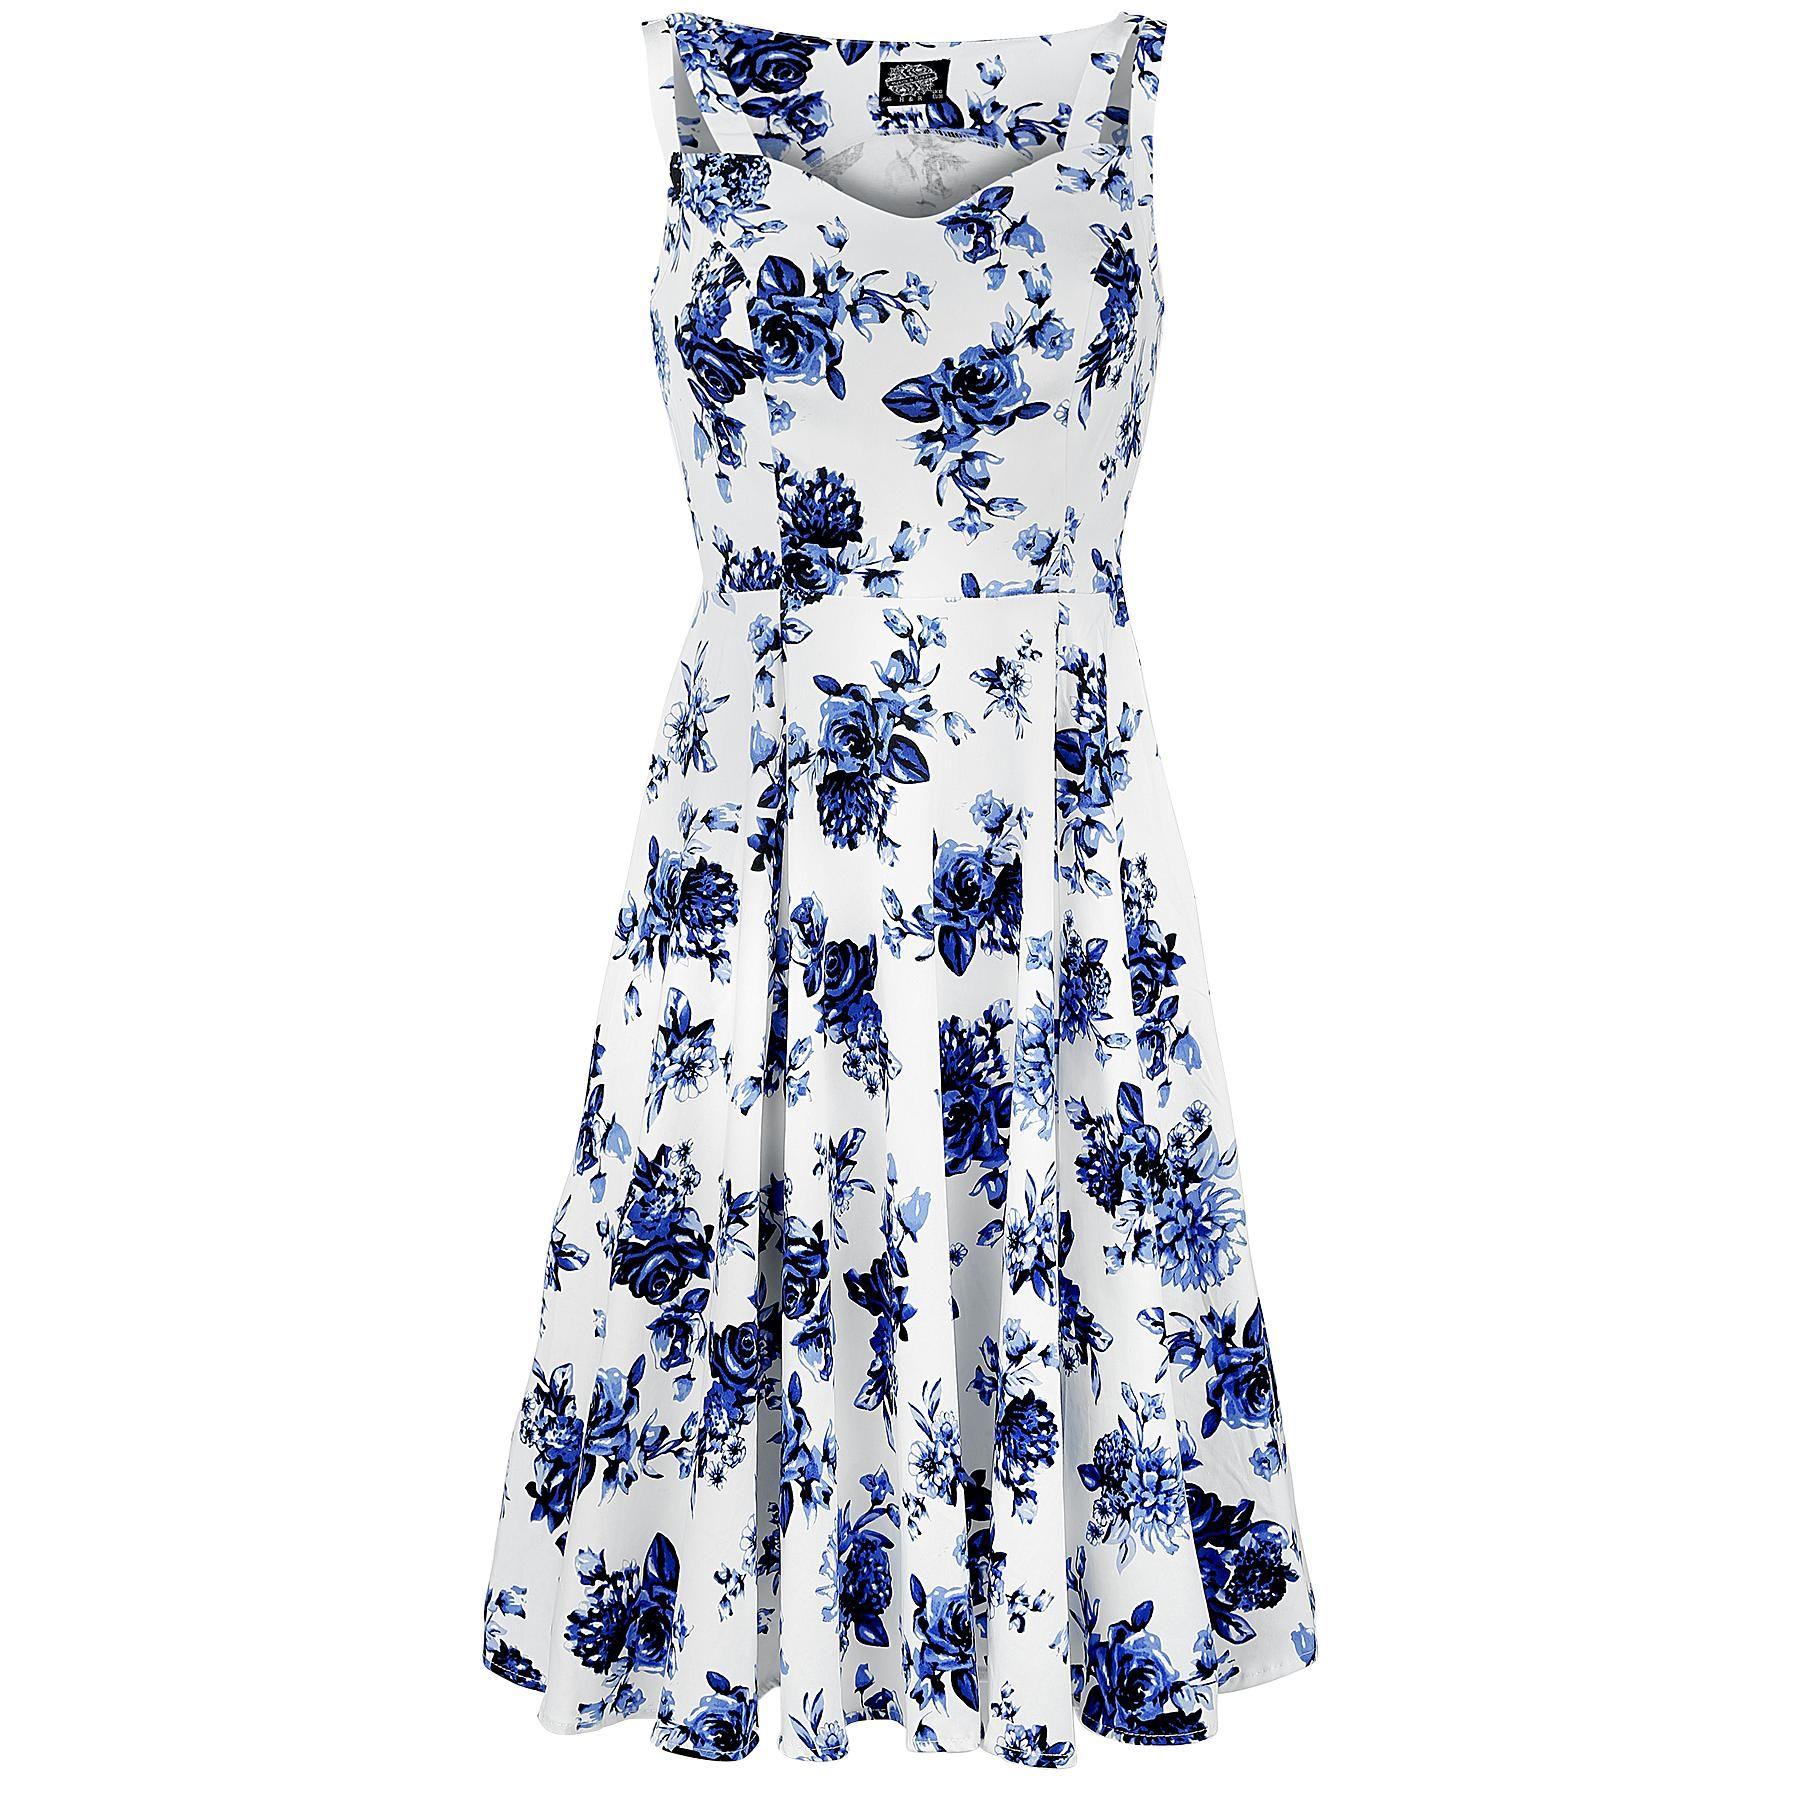 Blue Rosaceae Swing Dress - Medium-lengte jurk van H&R London